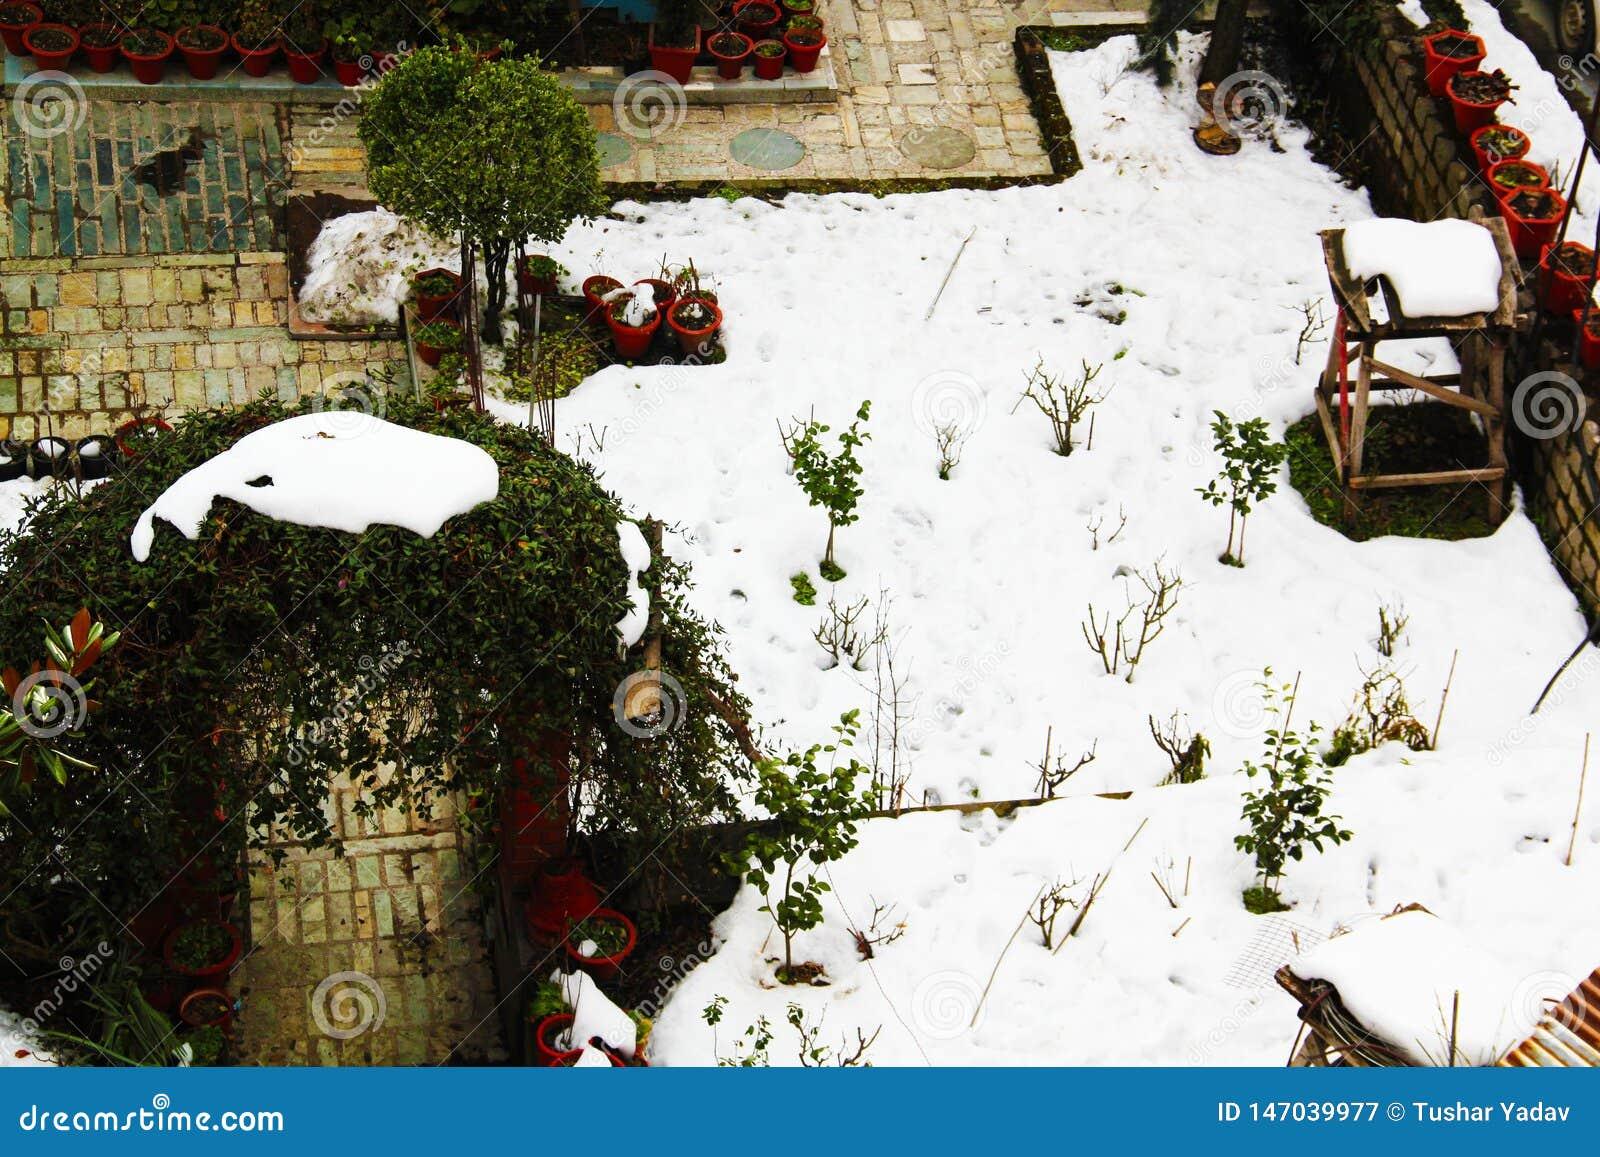 Silent winter landscape in the home garden full of white snow